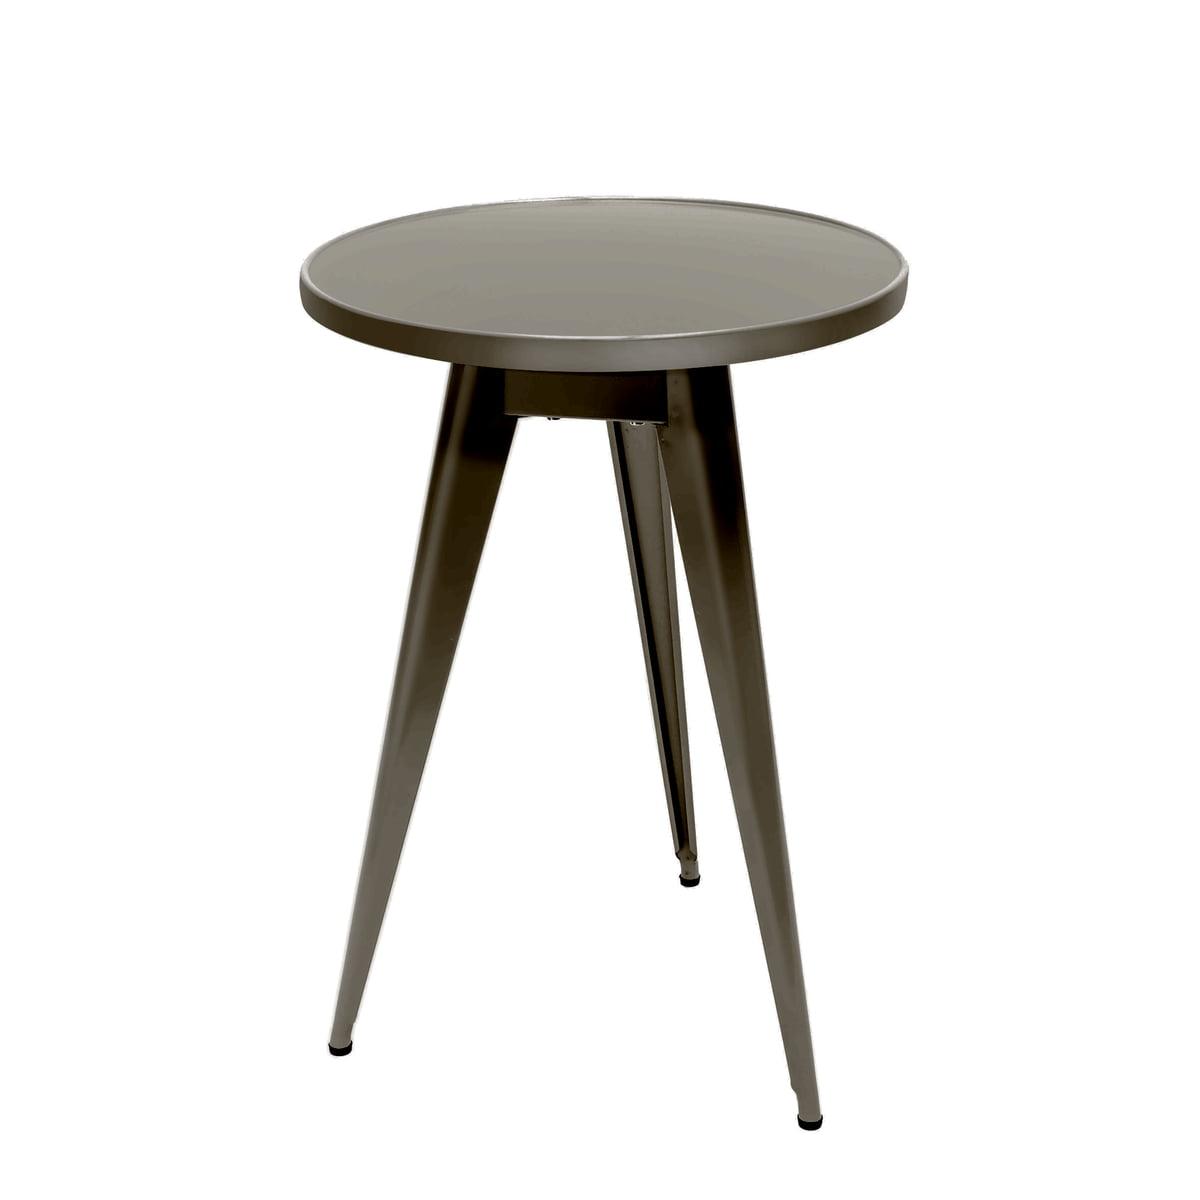 Gueridon 55 Tisch von Tolix | Connox kaufen